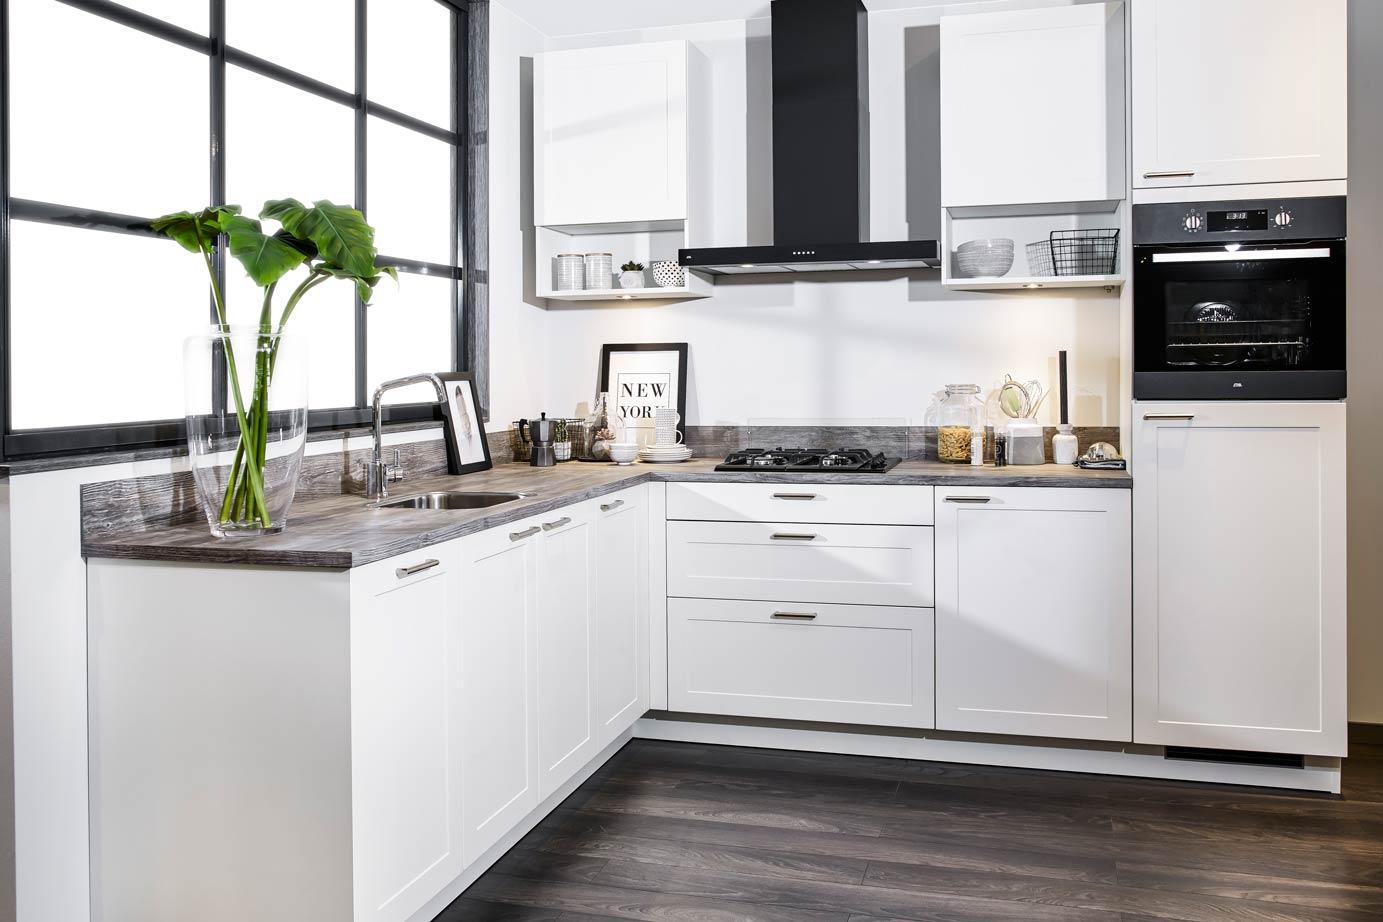 Hoek Keuken Modellen : Onze goedkope keukens hoge kwaliteit voor lage prijzen adee